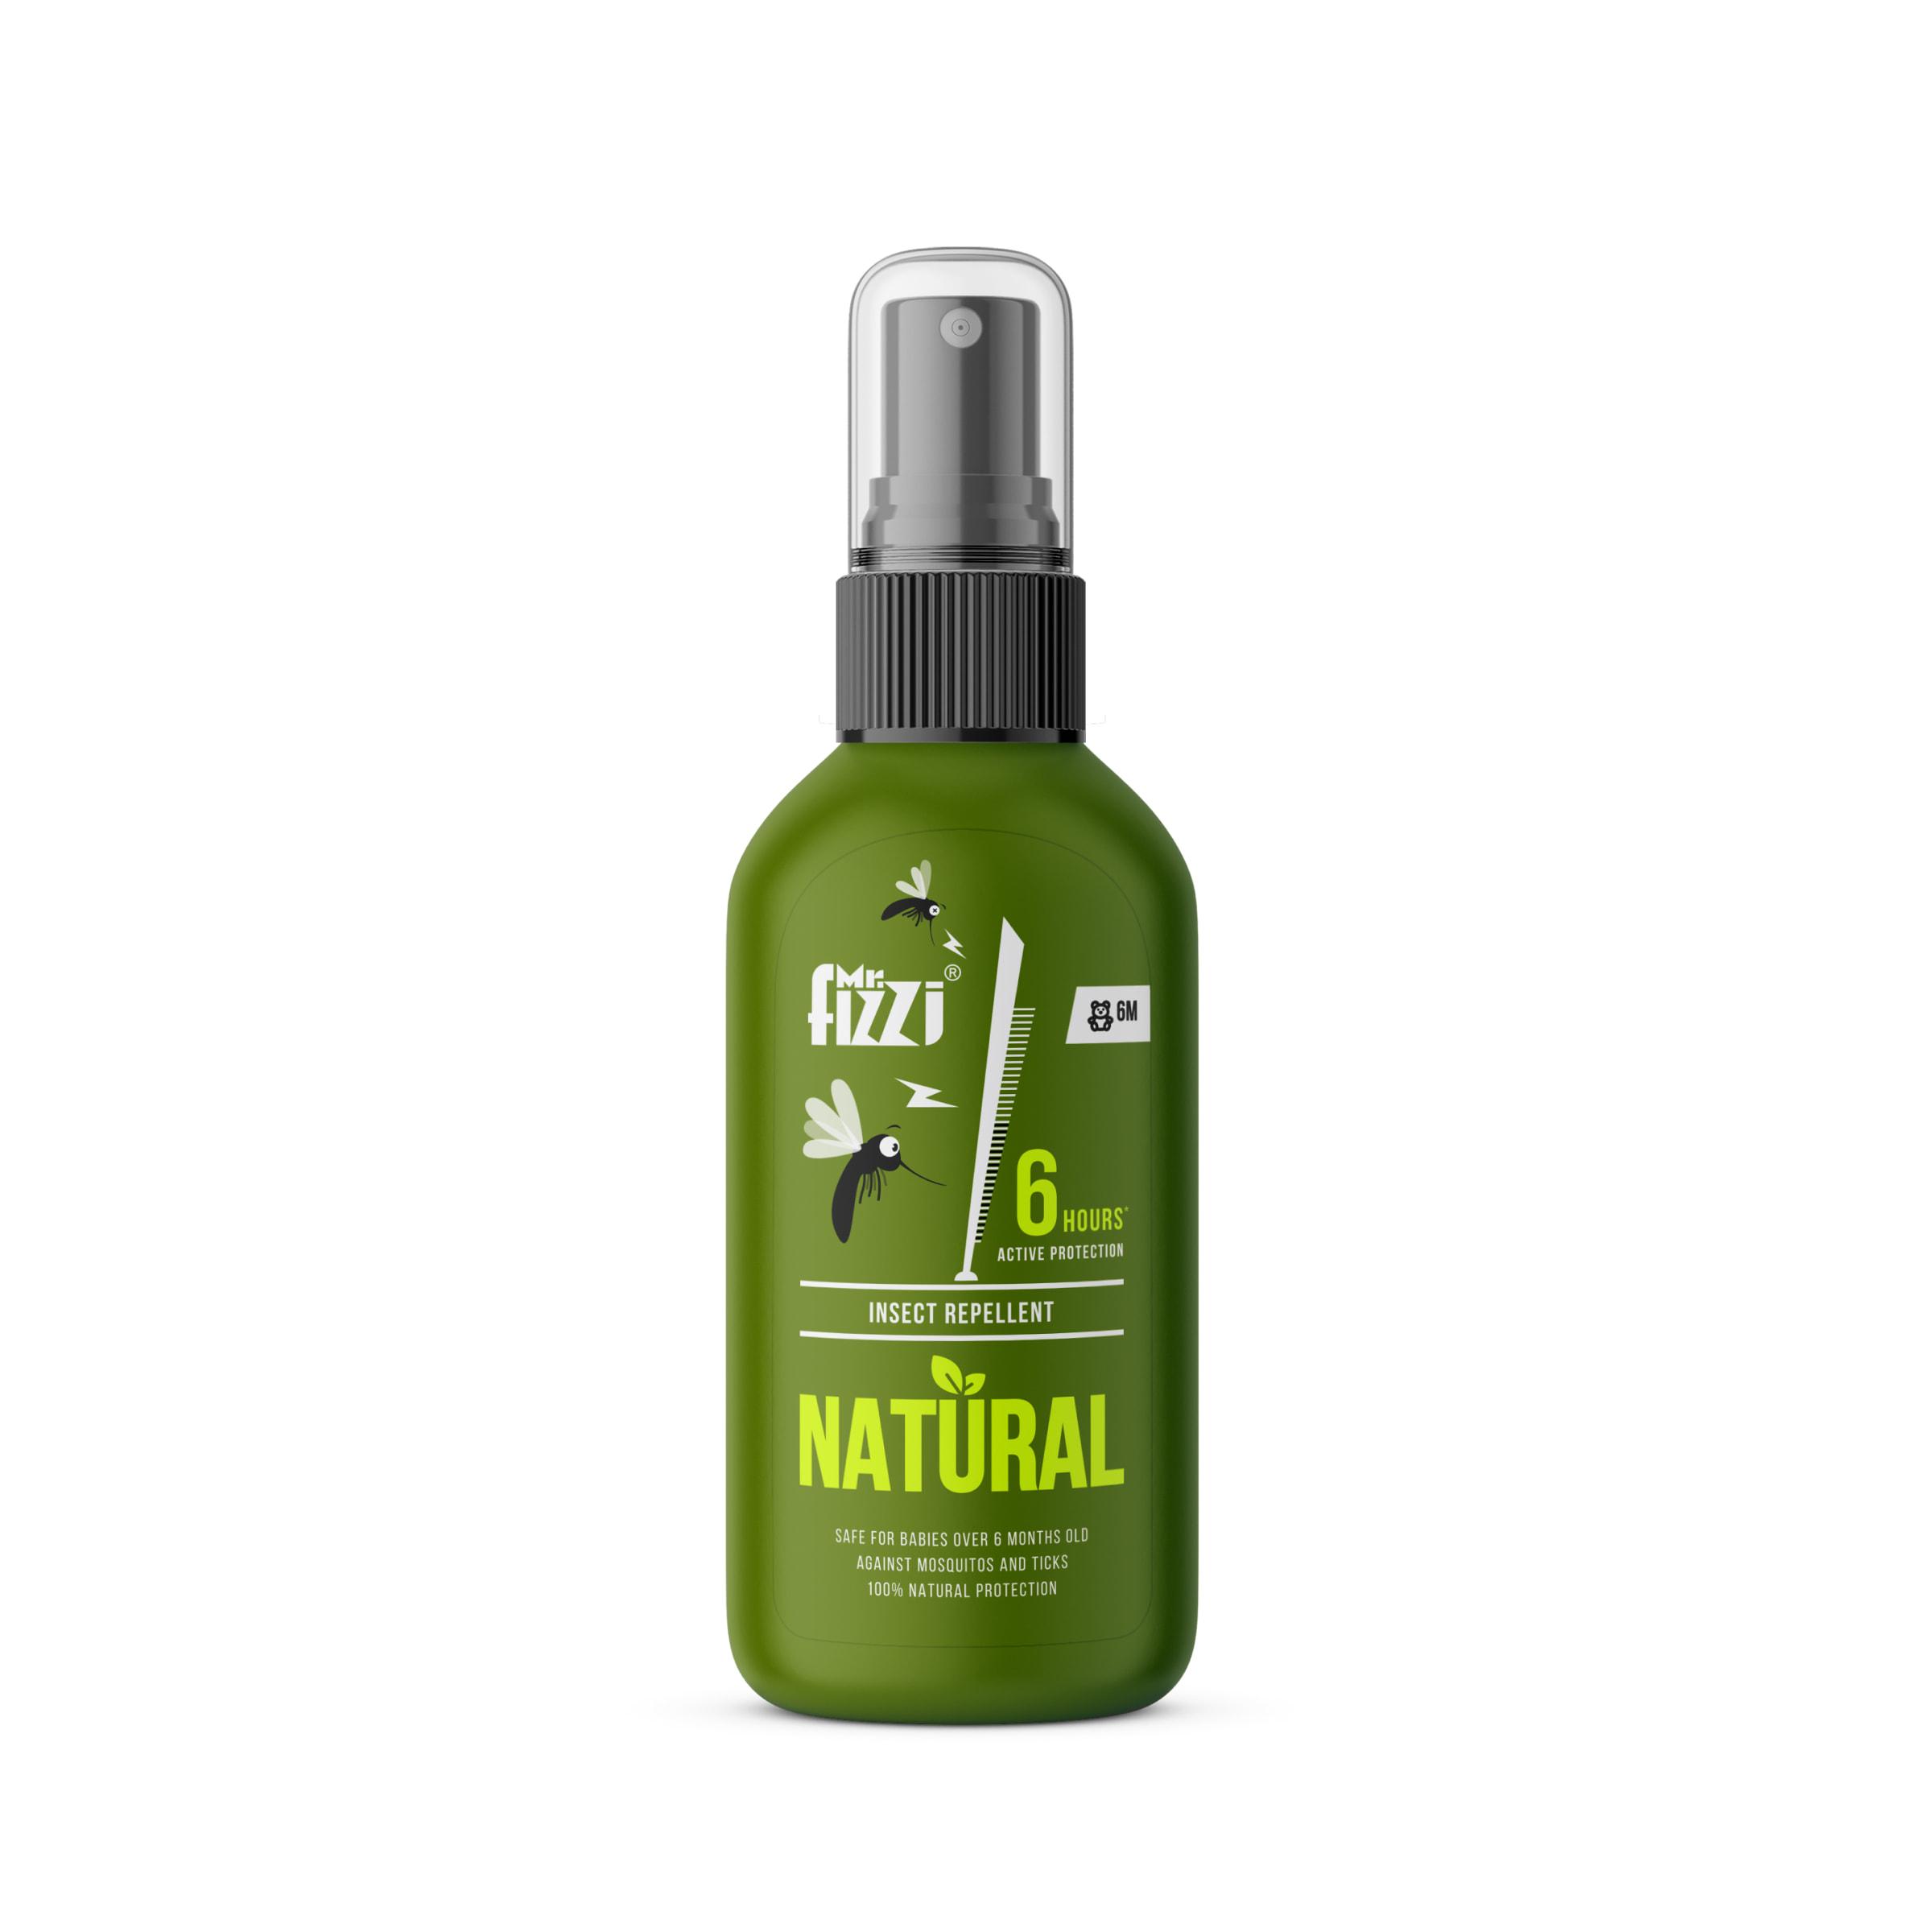 mr-fizzi-natural-anti-mosquito-spray